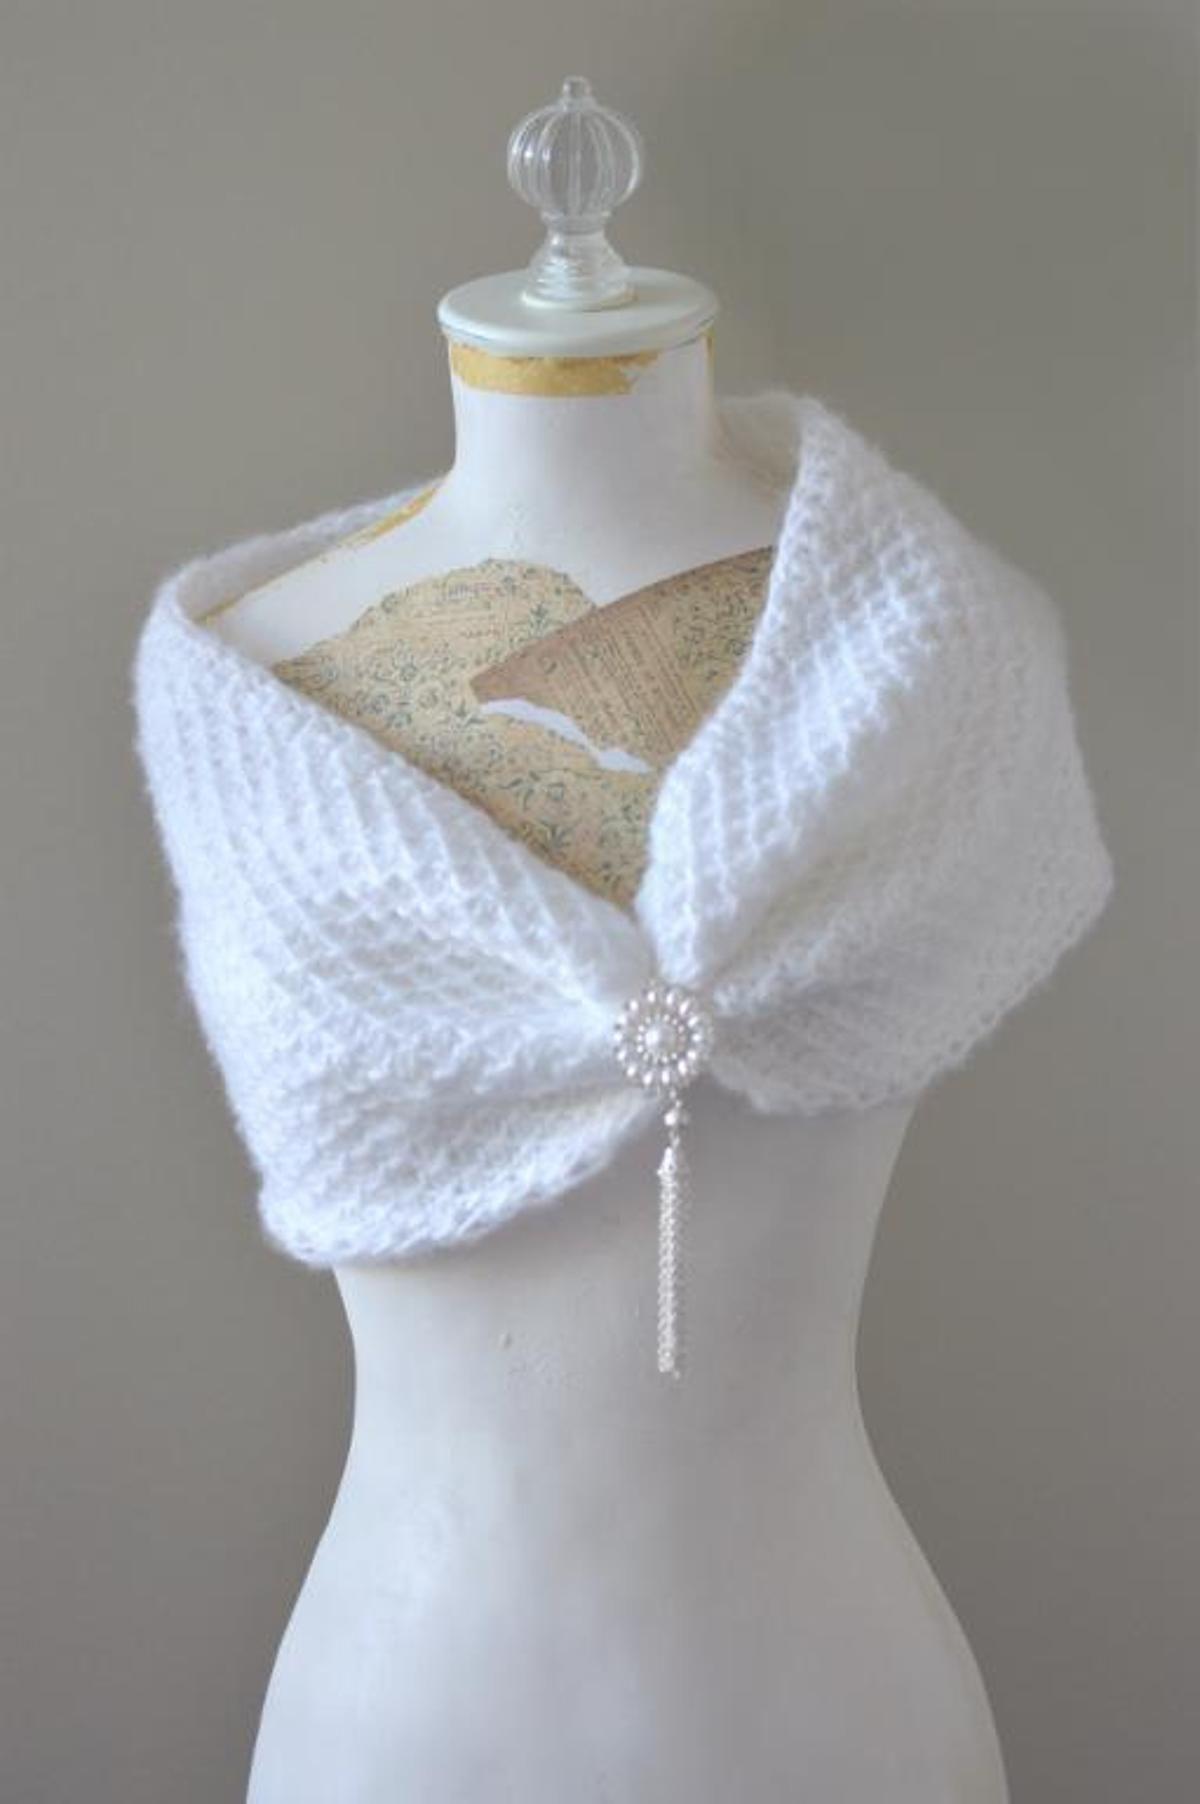 Tunisian Crochet Bridal Cowl Scarf   Pinterest   Häckeln und Stricken